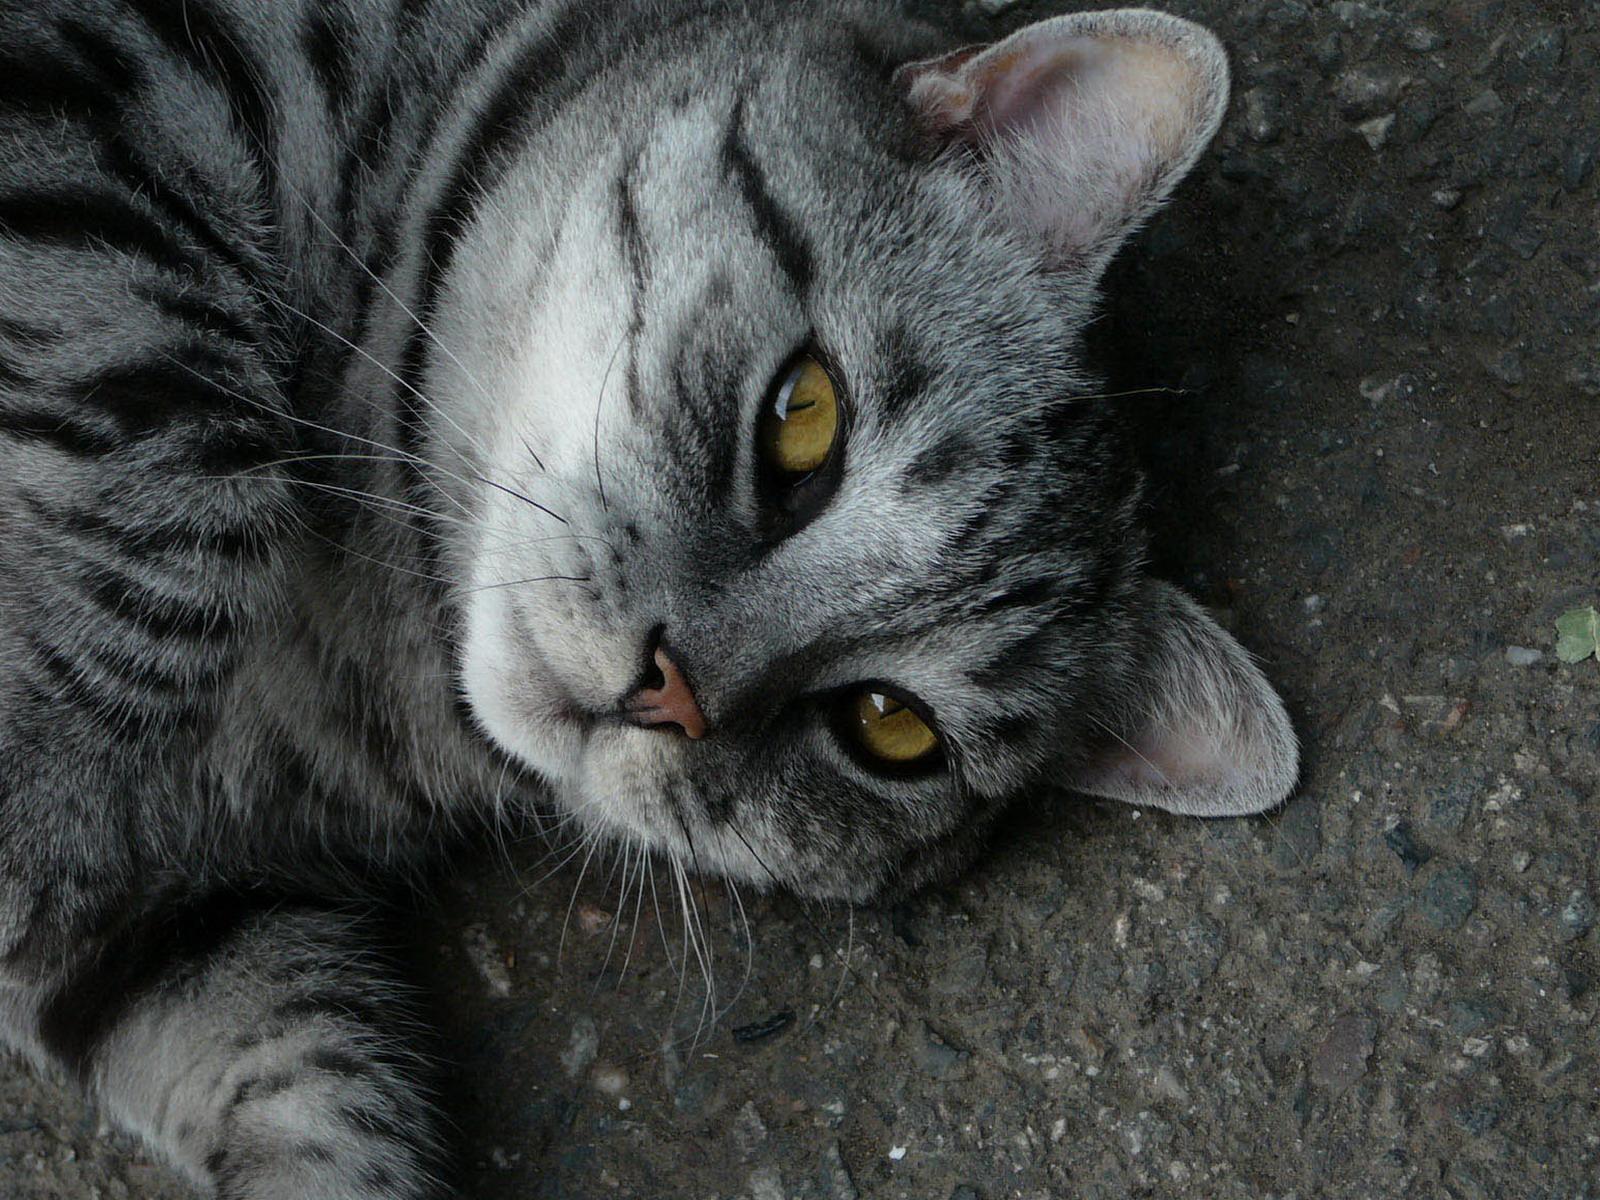 Fondo gris de un gato de ojos amarillos